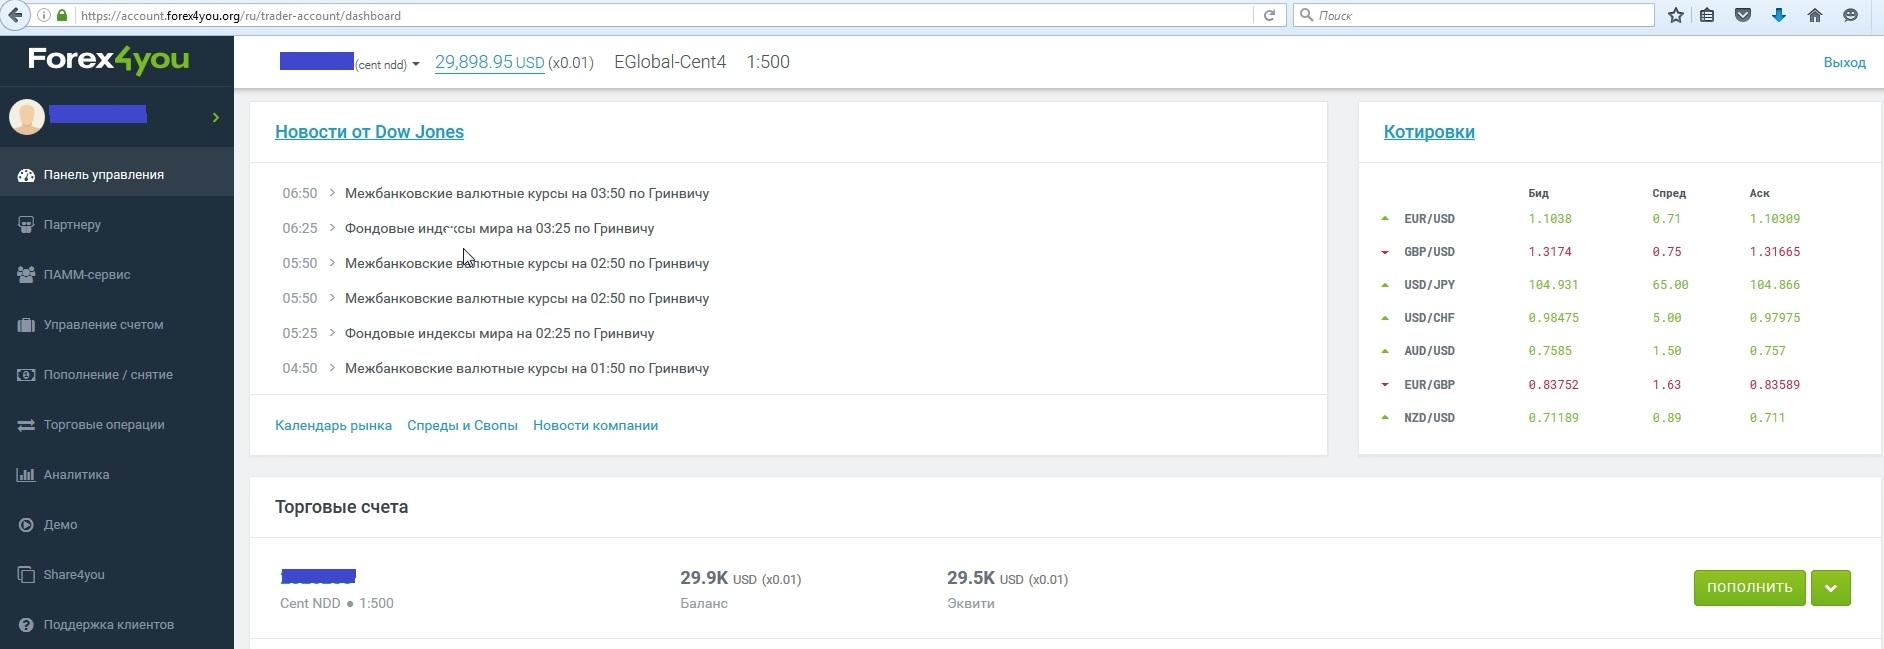 Инвест пароль форекс онлайнi forex market hours monitor 2.12